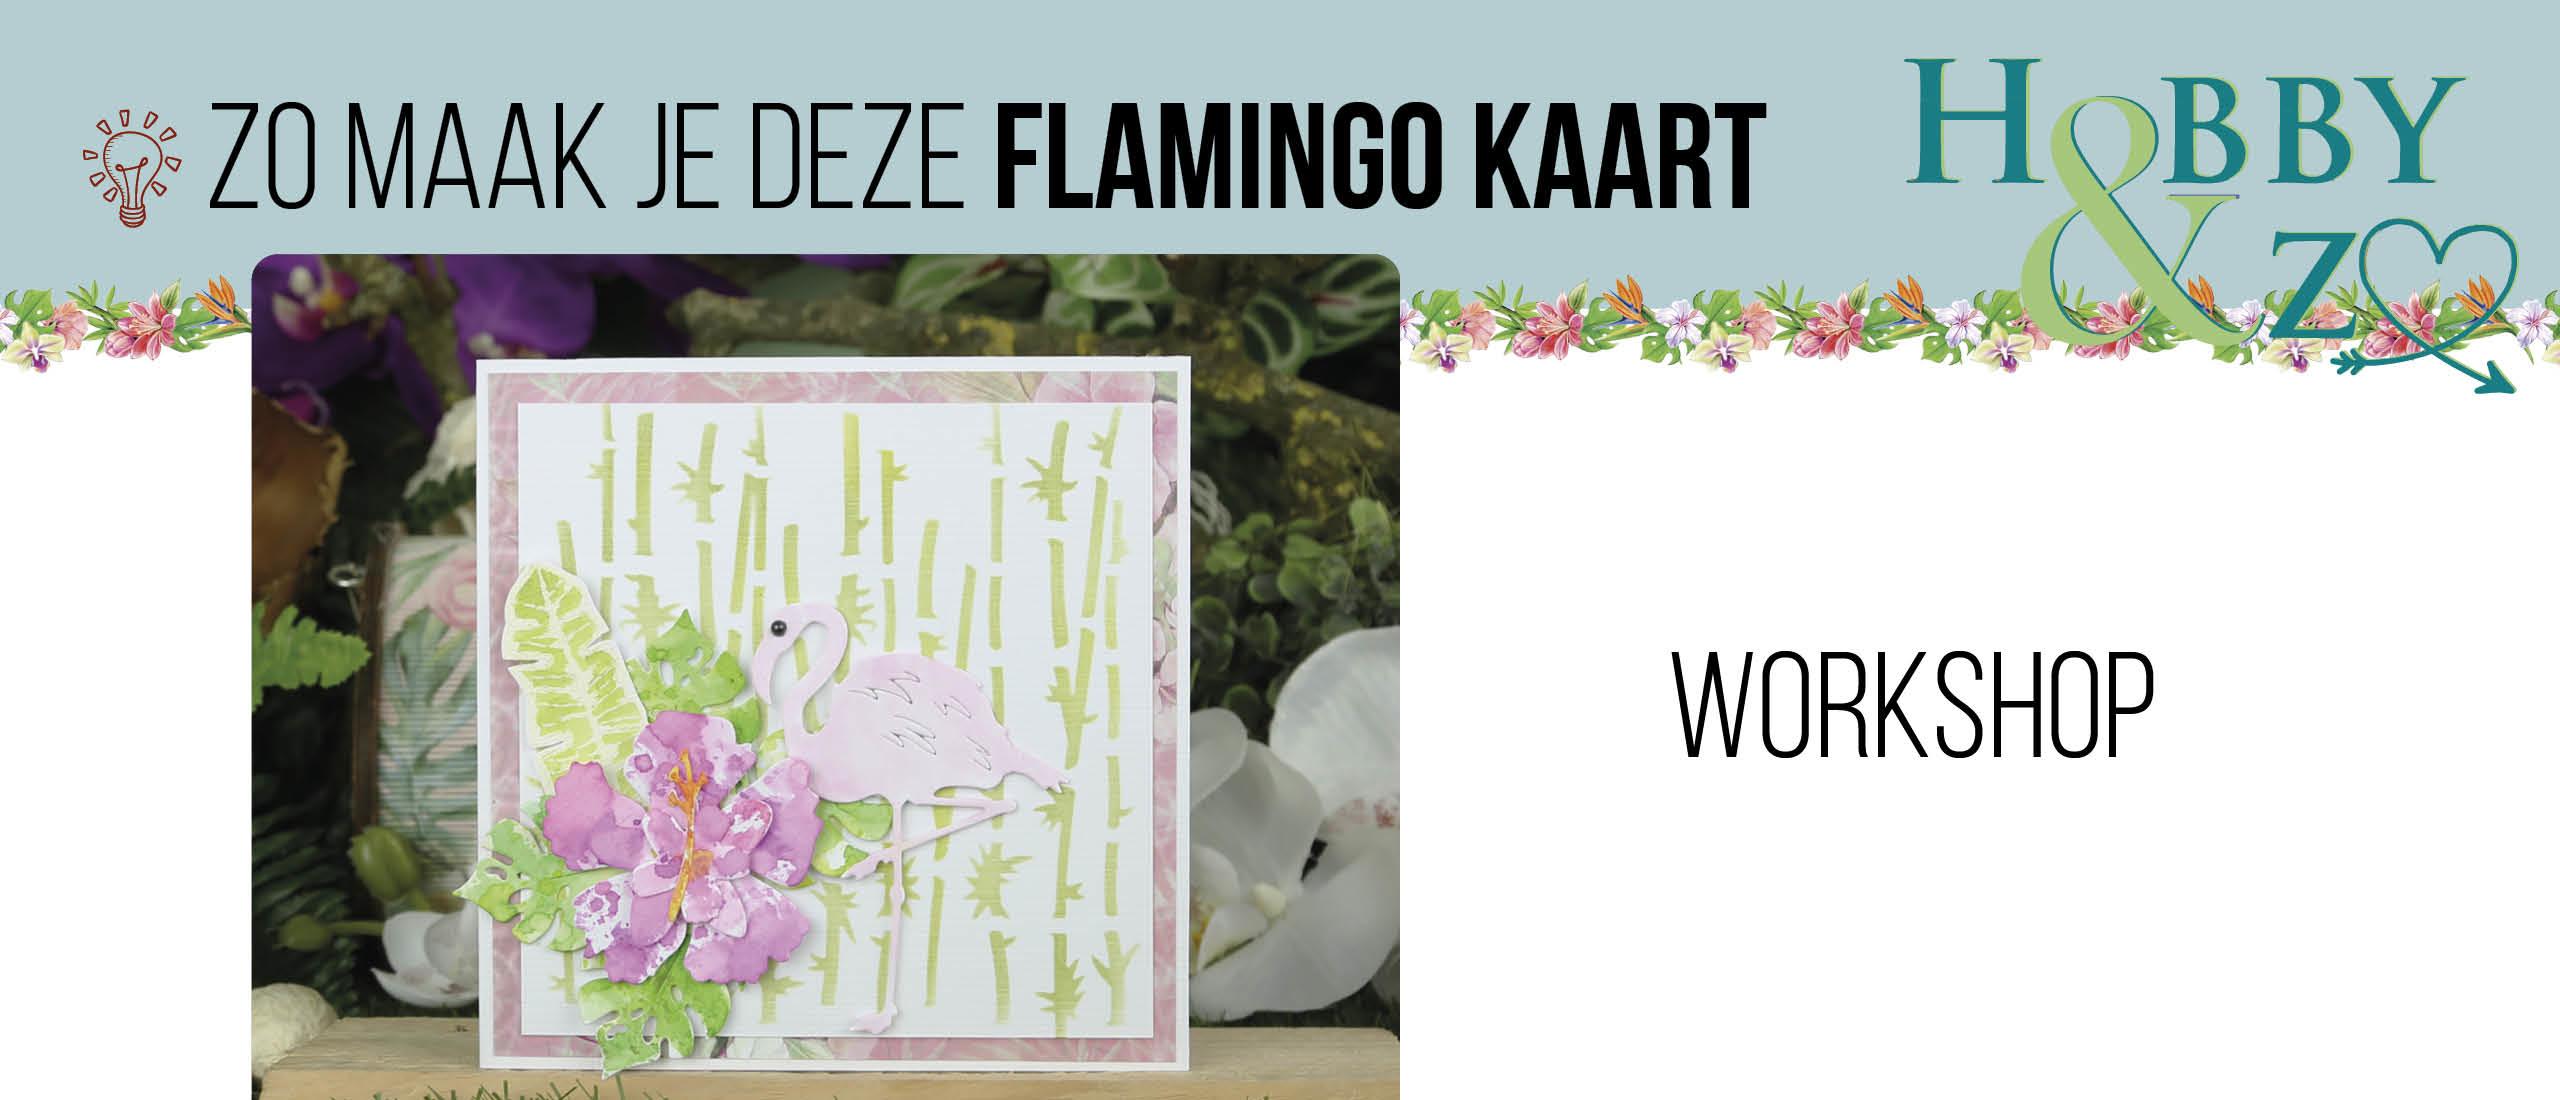 Masterclass Flamingo kaart met inkttechniek